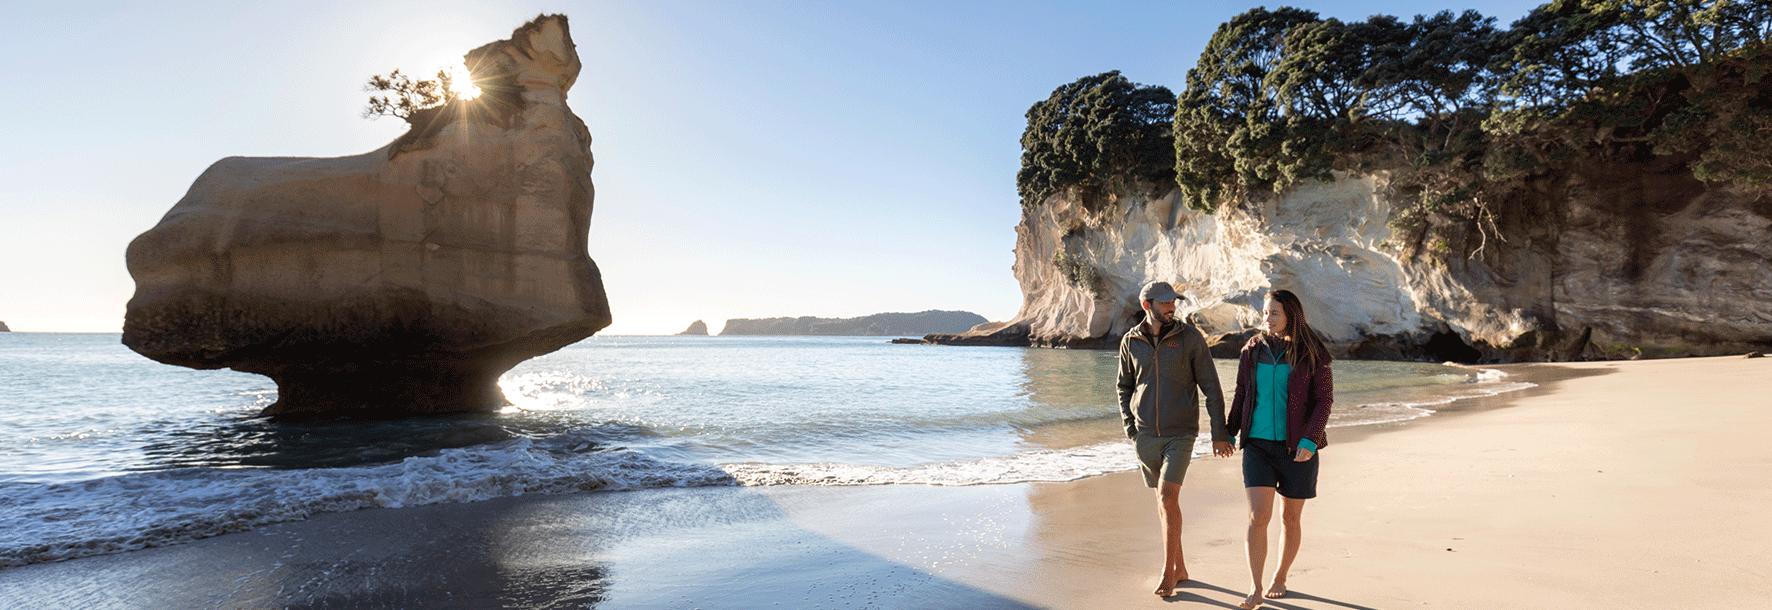 Cathedrale Cove Coromandel Halbinsel - Neuseeland